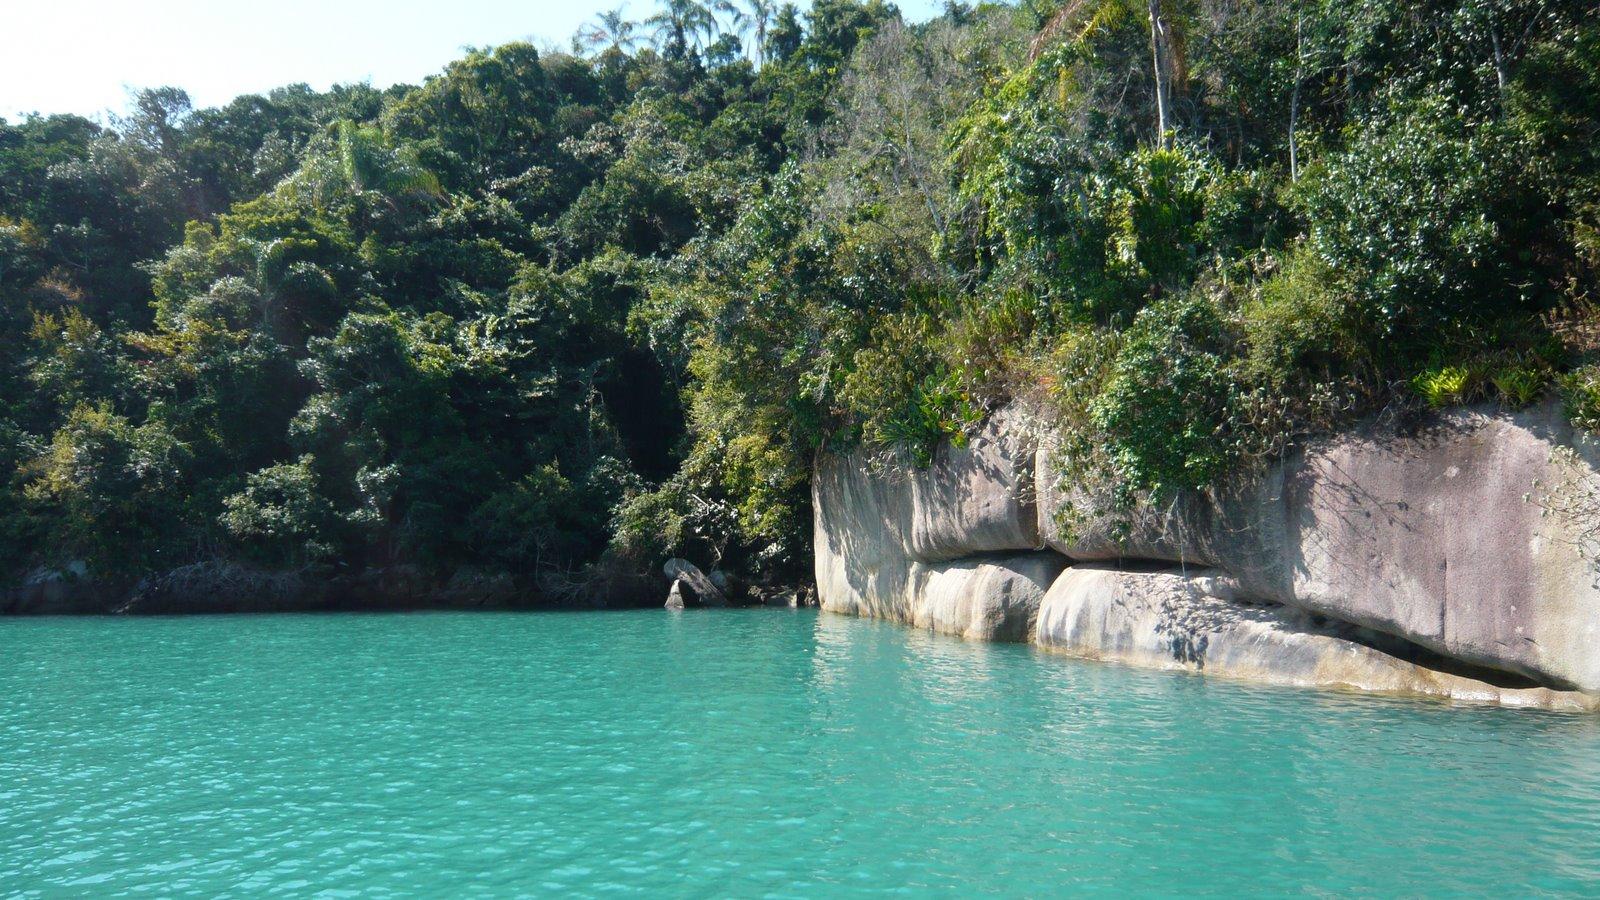 Les joyaux touristiques brésiliens et argentins